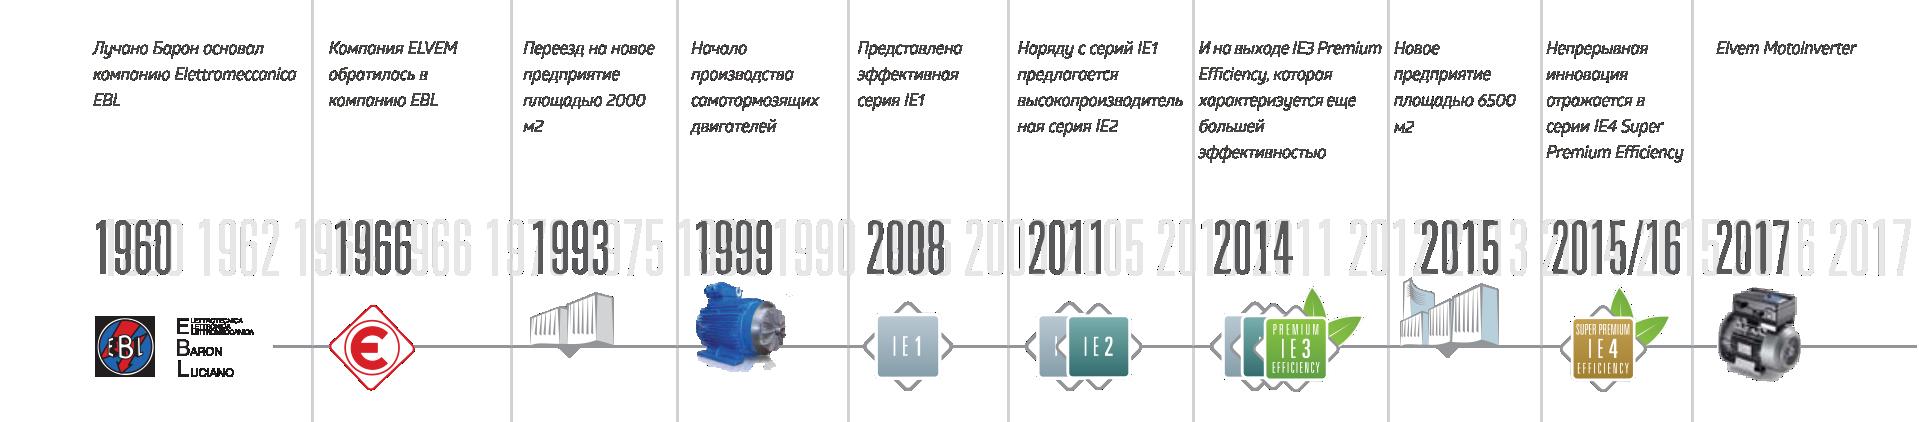 linea del tempo russo